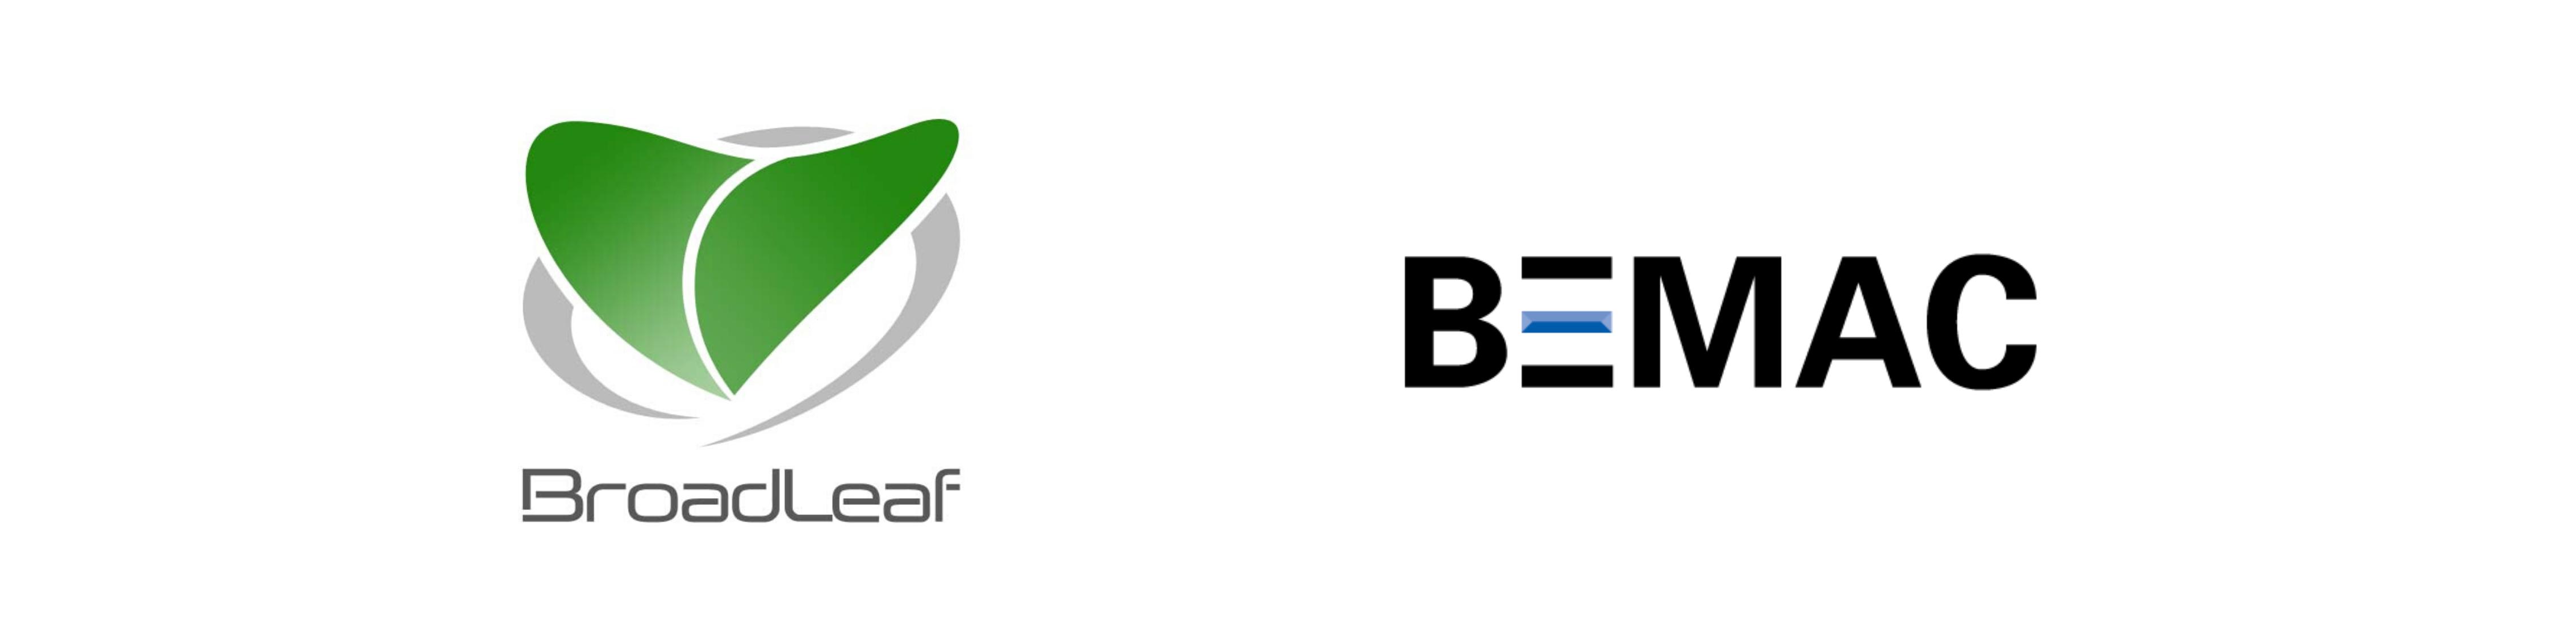 会社 ブロード サポート 株式